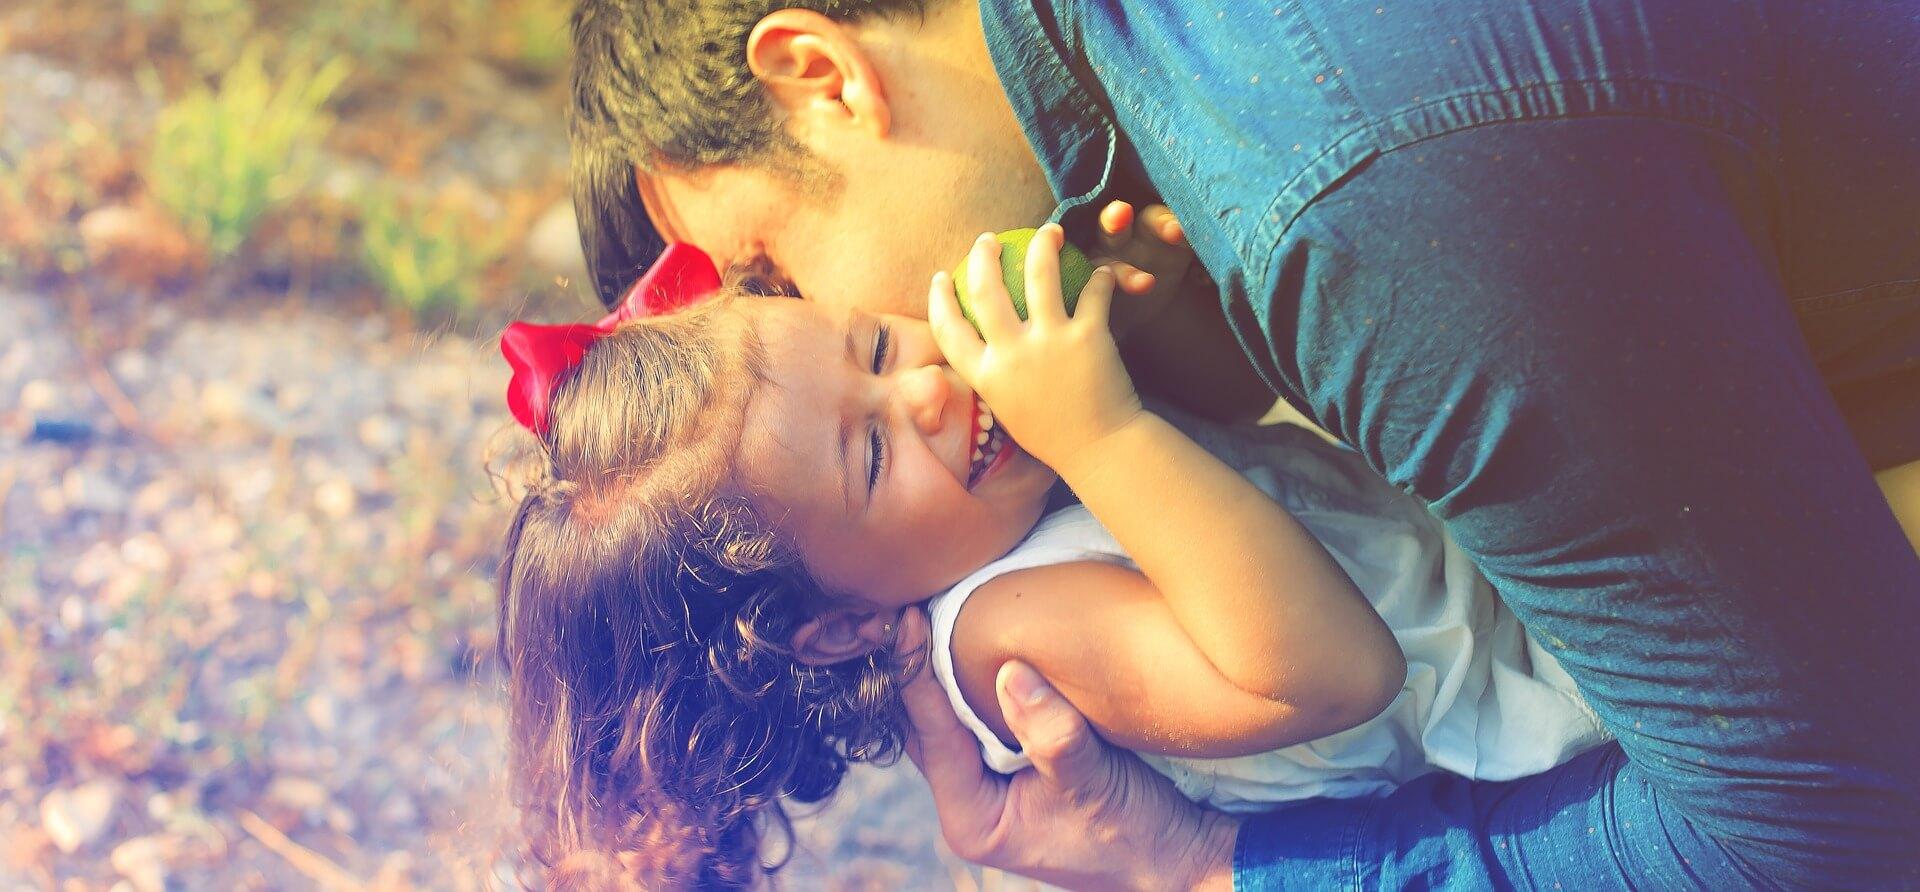 Папа обнимает и целует дочку.